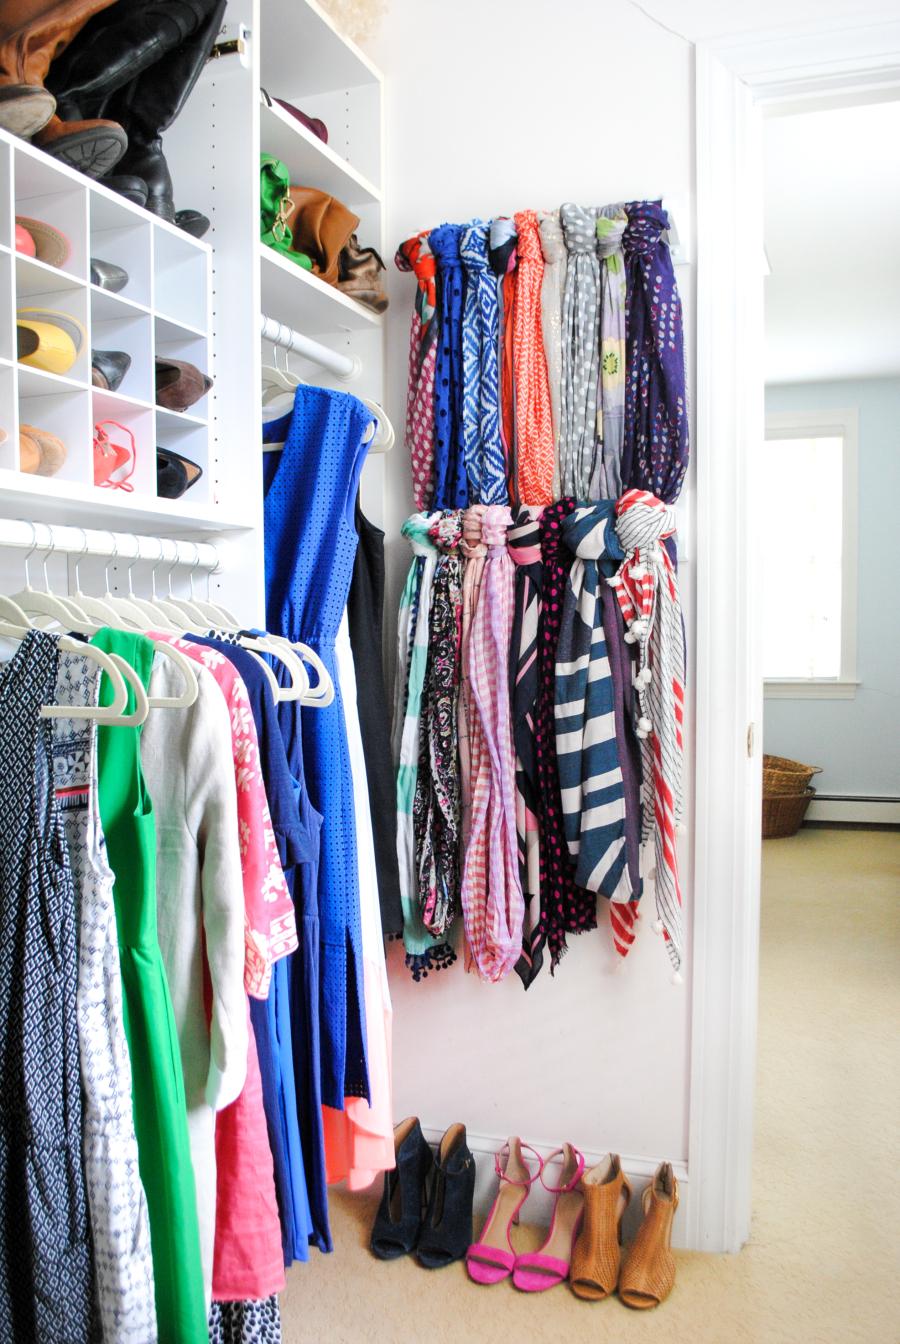 towel-bars-on-back-of-door